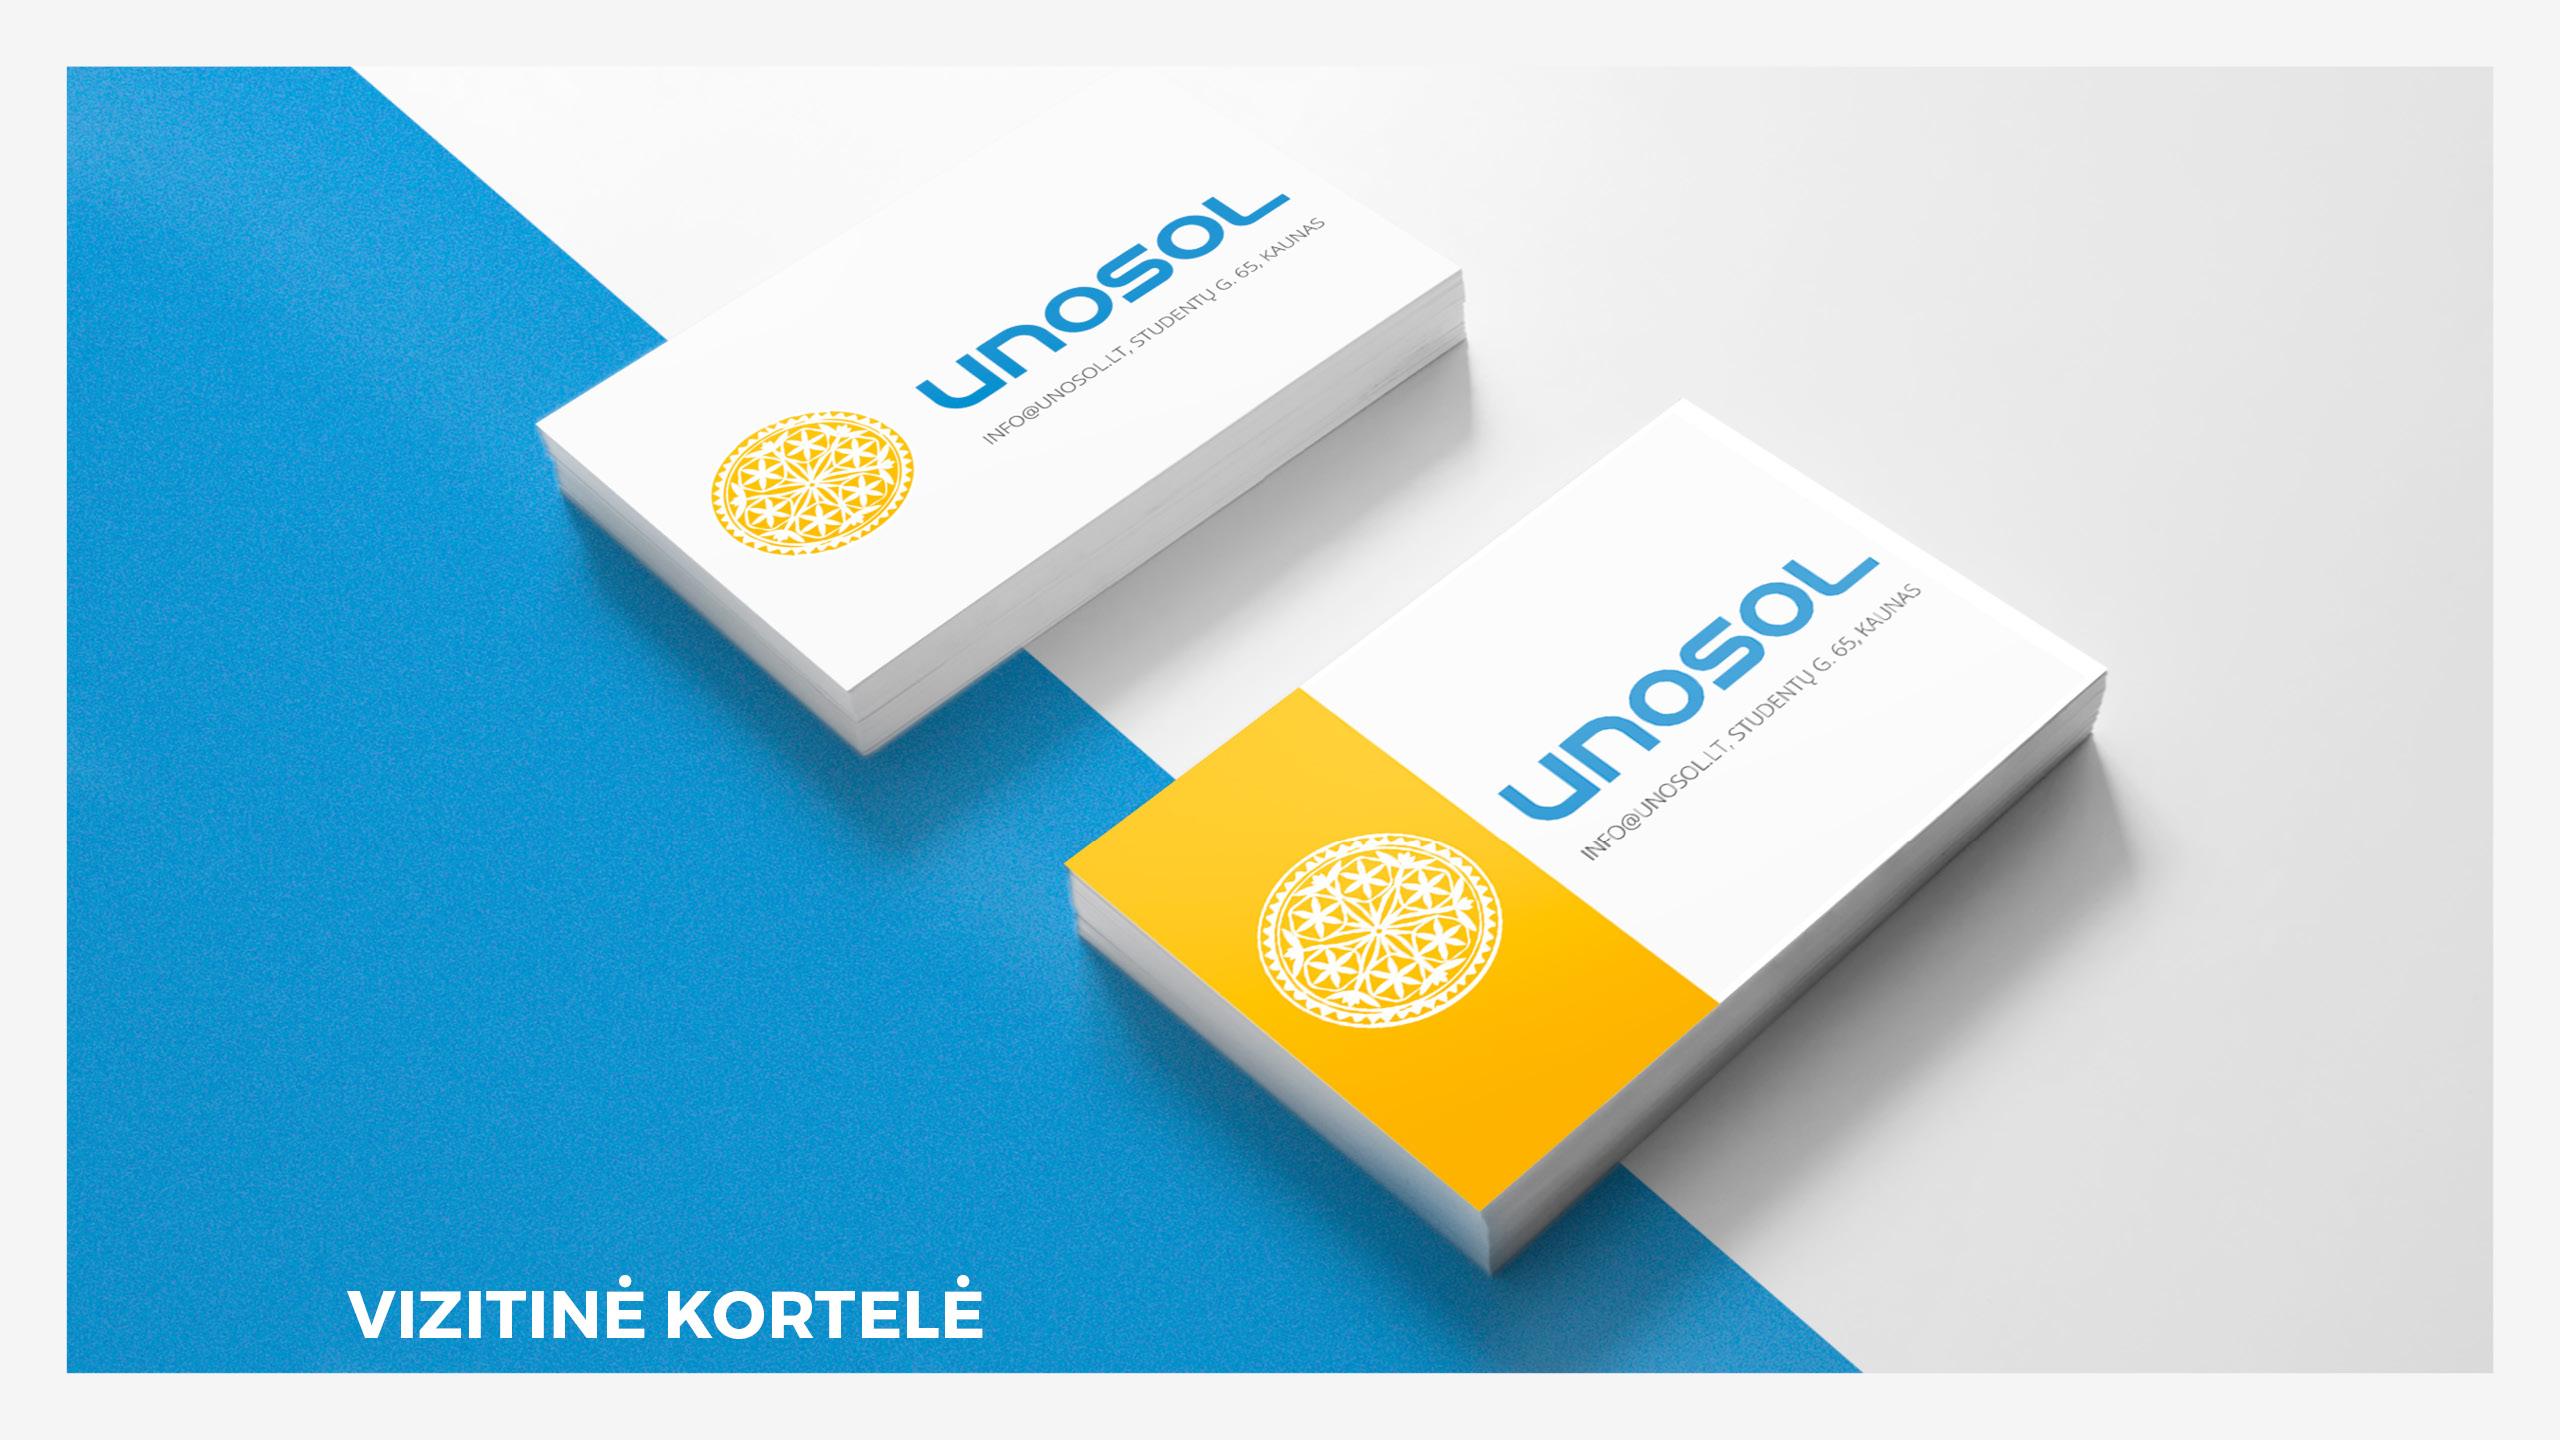 UNOSOL Vizualinio Identiteto vadovas 16 / Logobou design